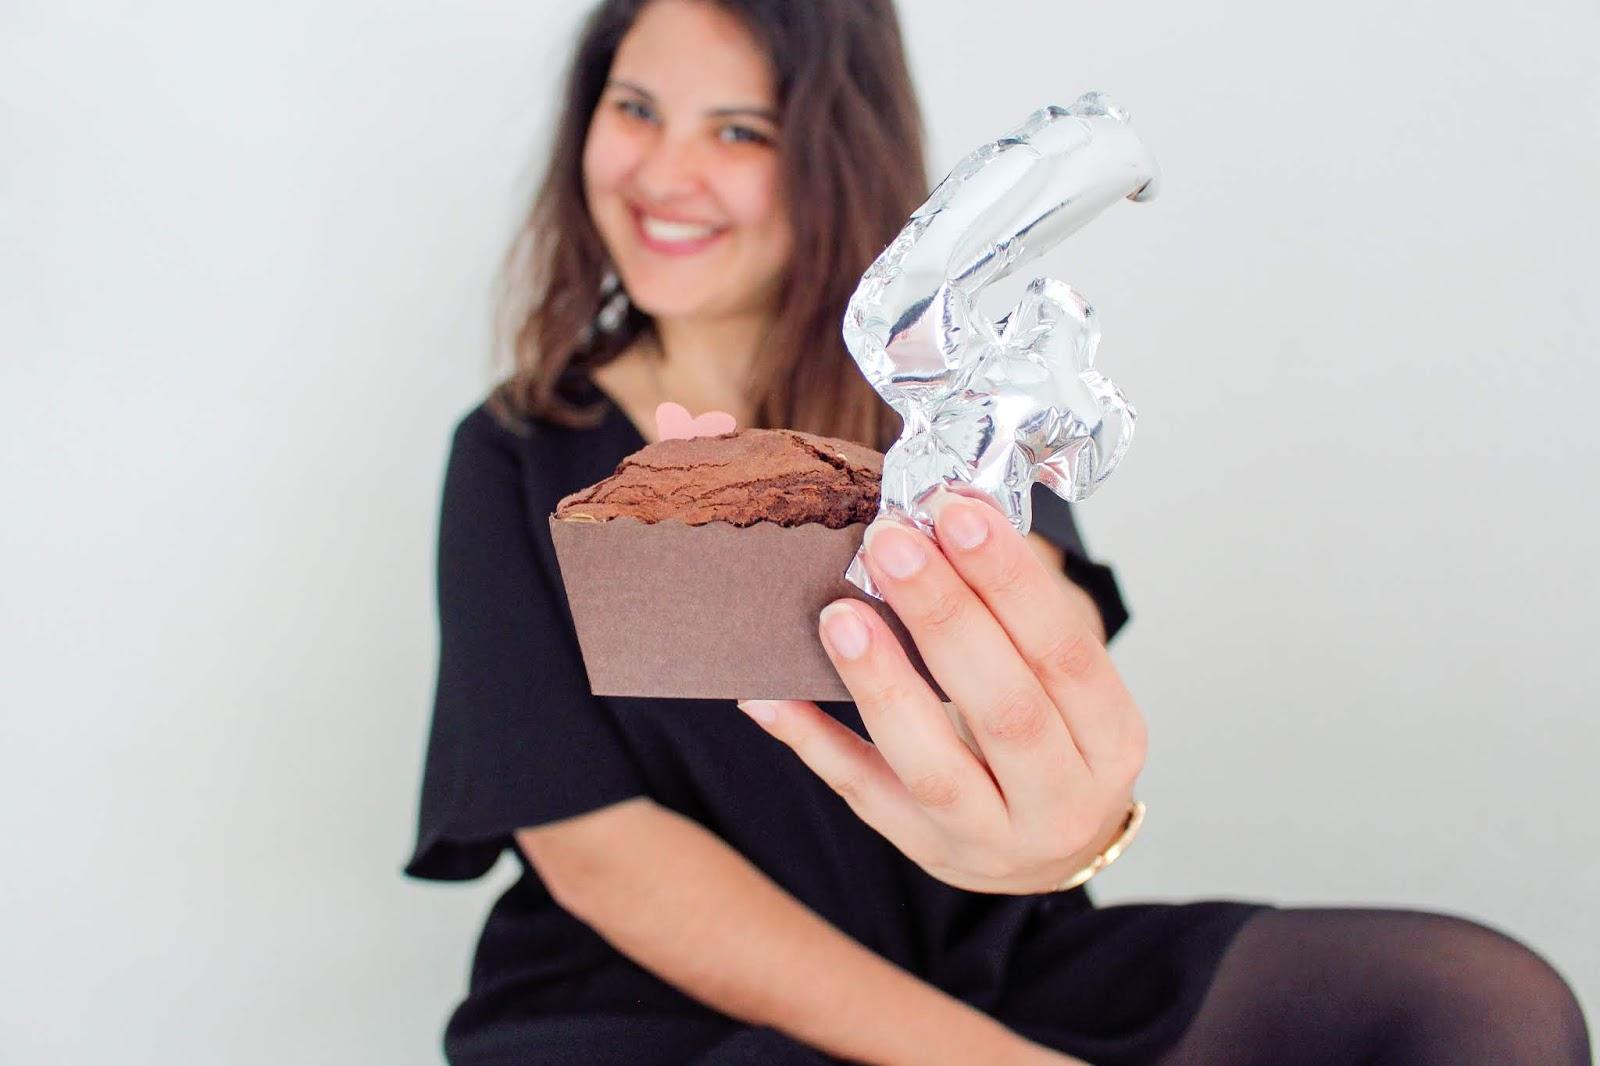 fotografia blogger com bolo e o numero 4